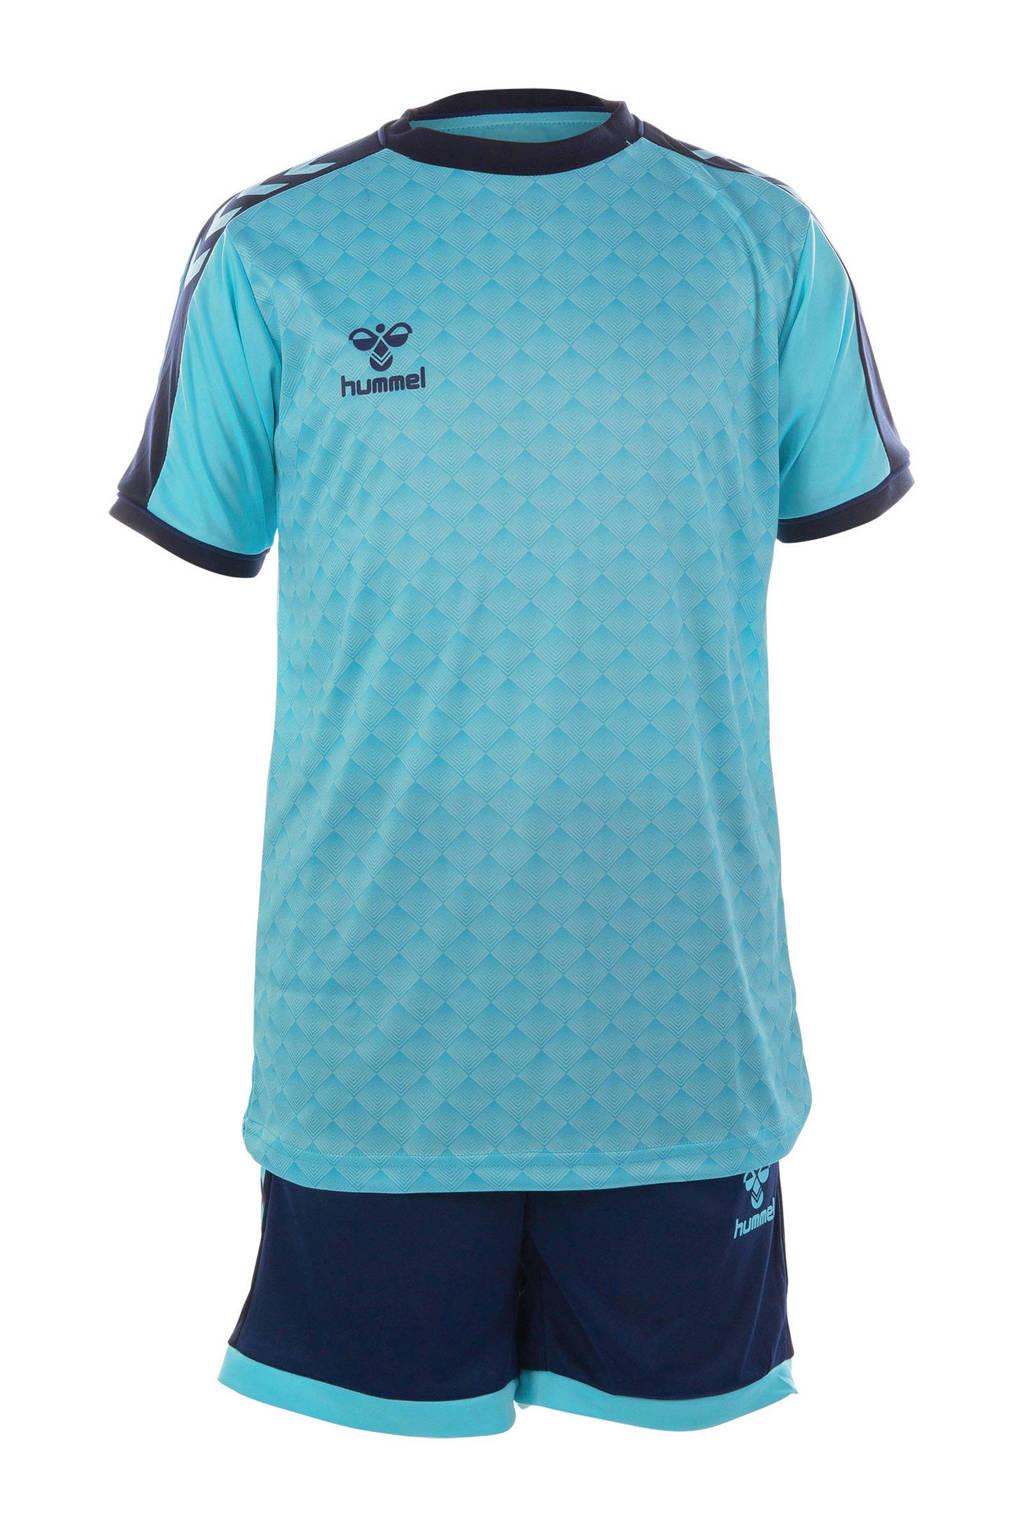 hummel   sport T-shirt + short, Donkerblauw/lichtblauw